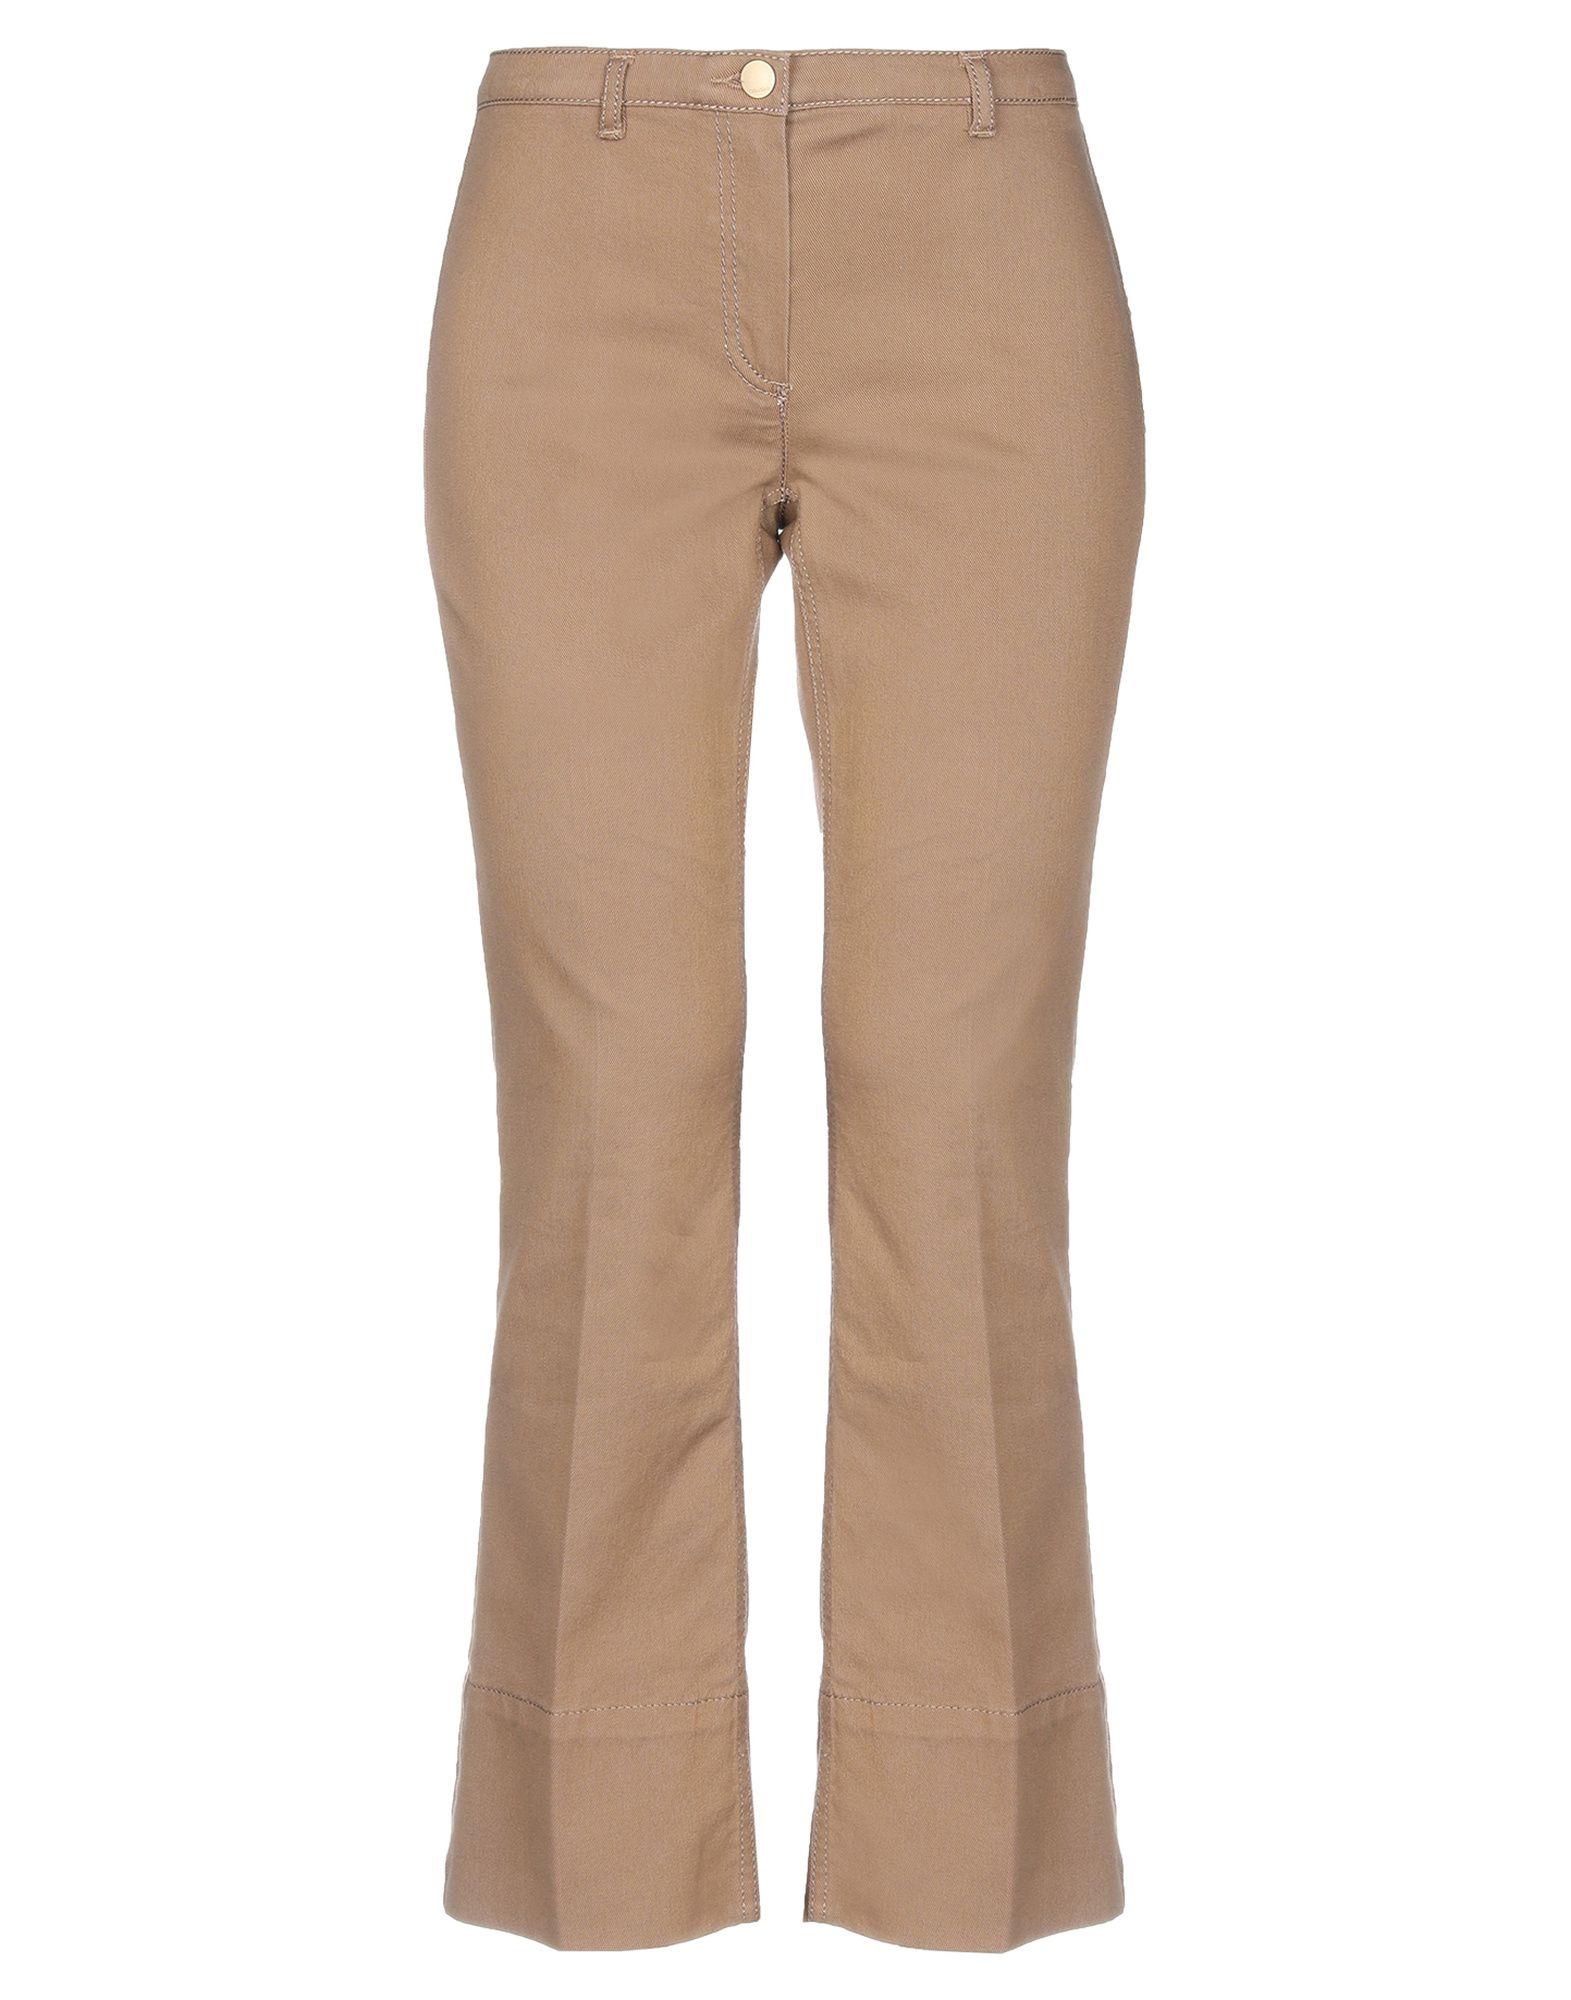 'S MAX MARA Повседневные брюки тройник altstream 20 16 20 м п уп 16 шт 002040203